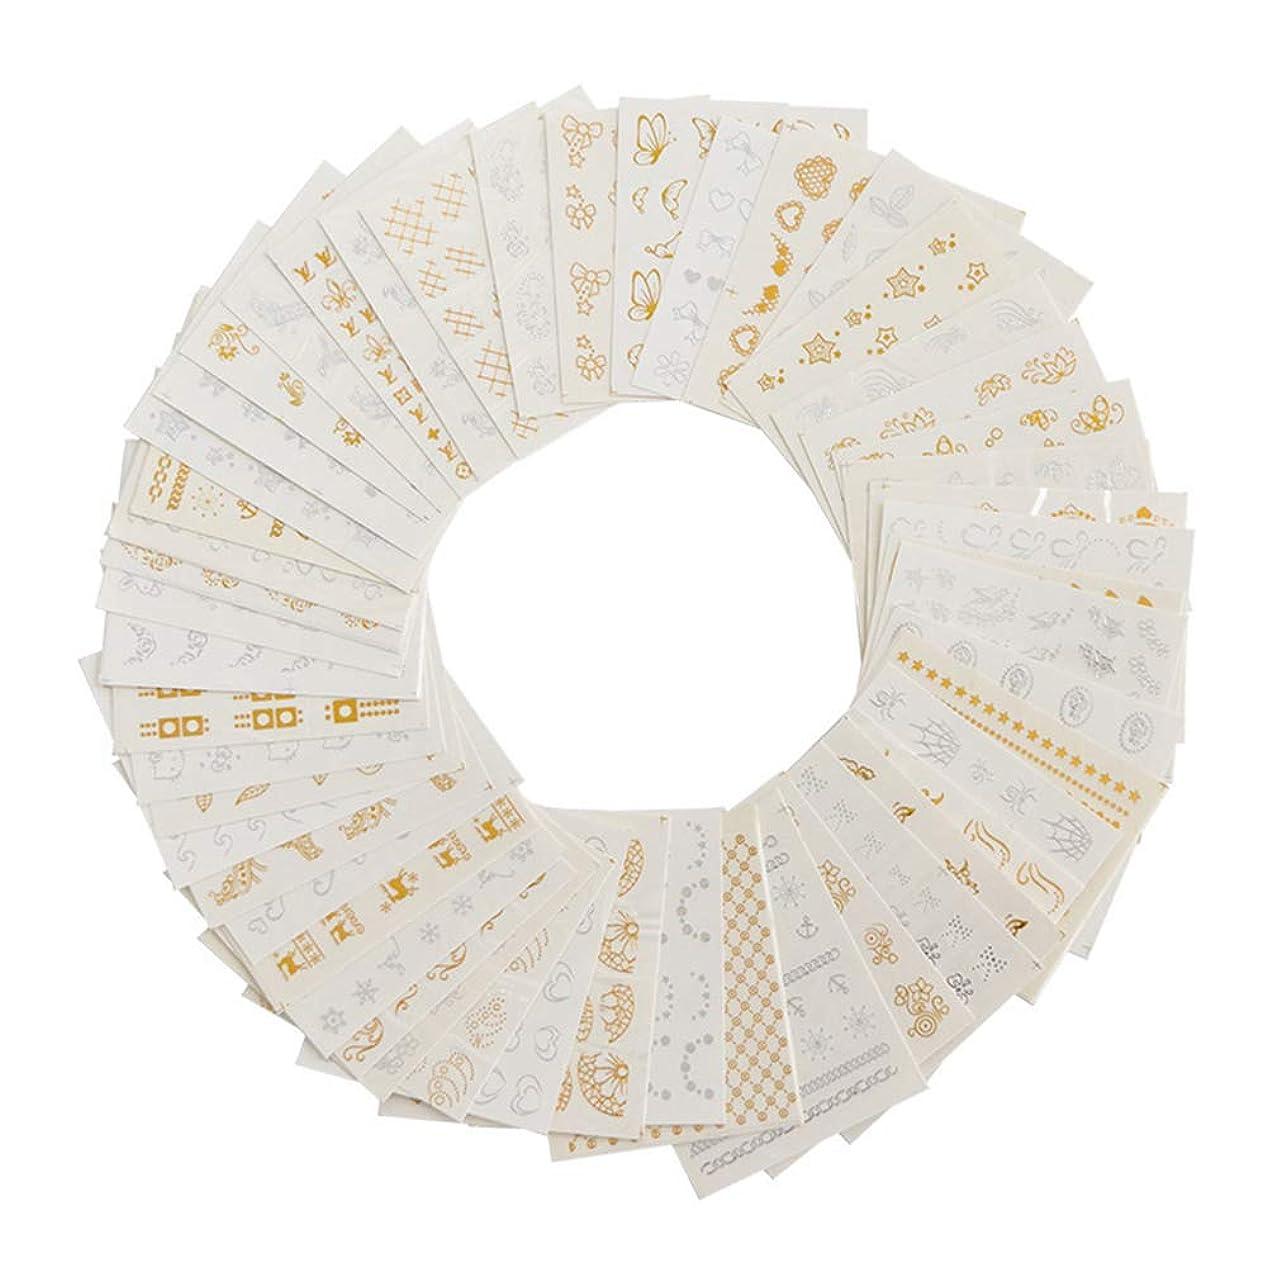 クラブ支援他の場所ネイルホイル ゴールド シルバー 羽毛ネイルステッカー ウォーターネイルシール ネイルアート デコレーション パーツ 30枚セット